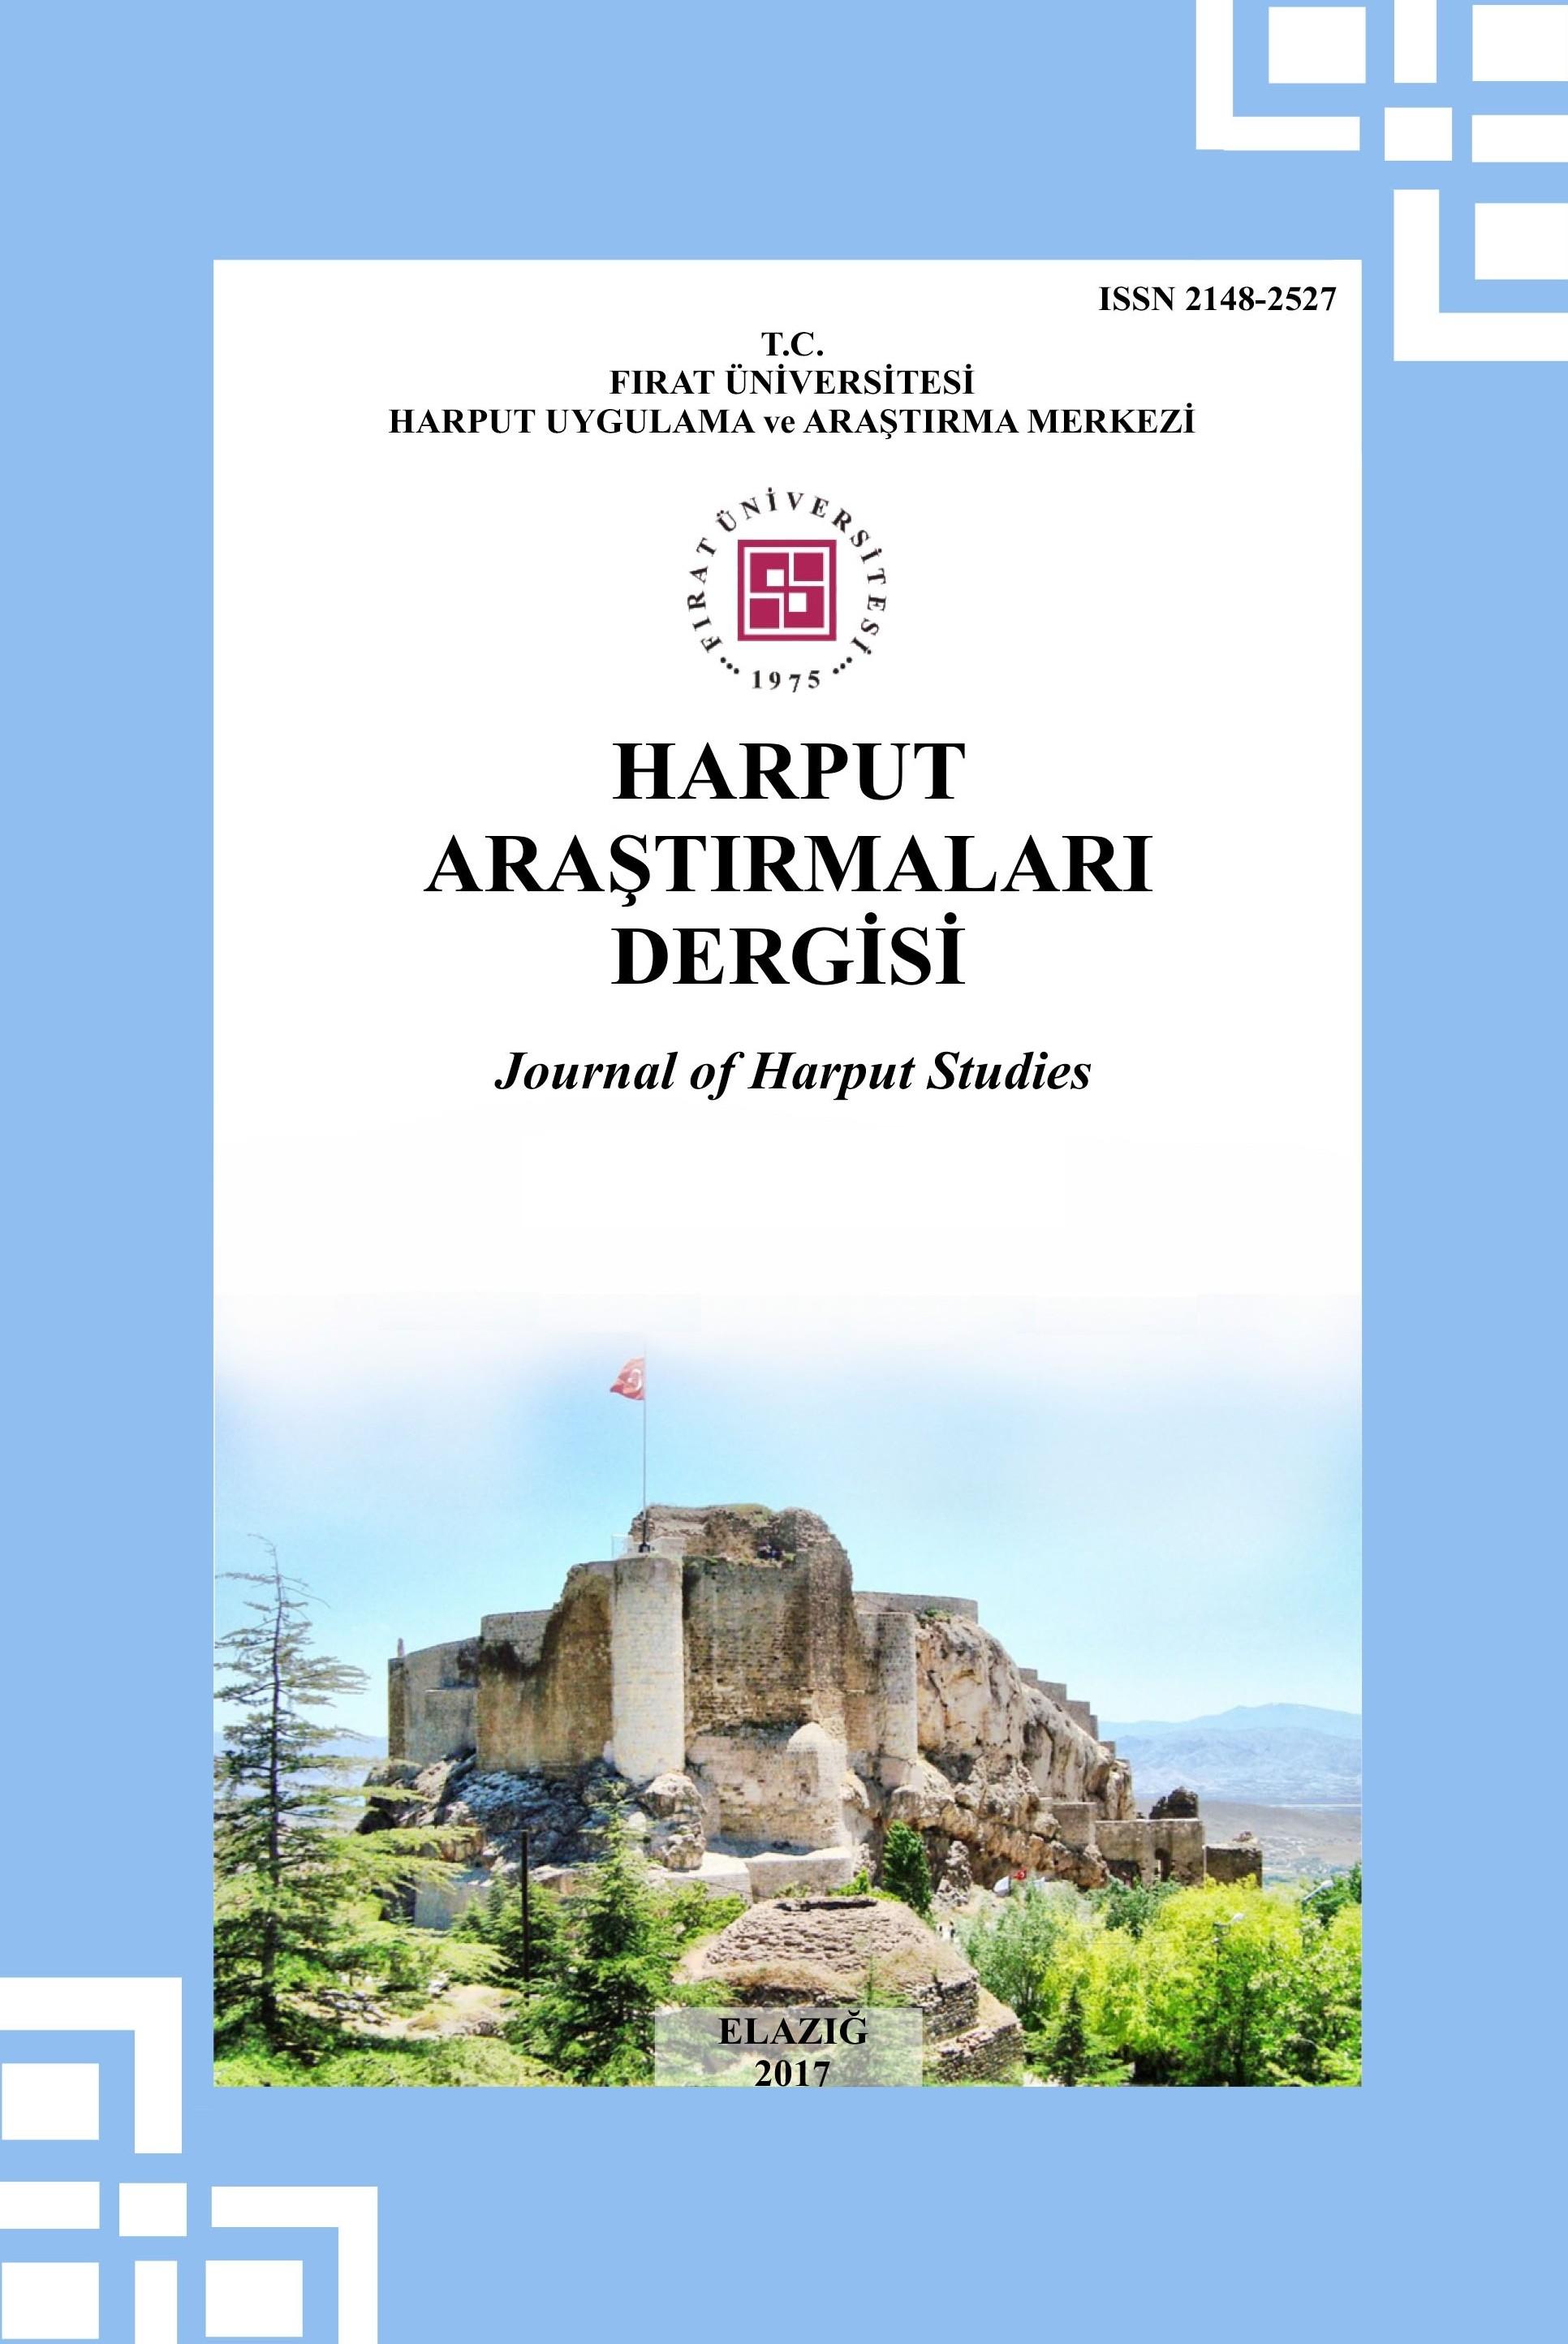 Harput Araştırmaları Dergisi